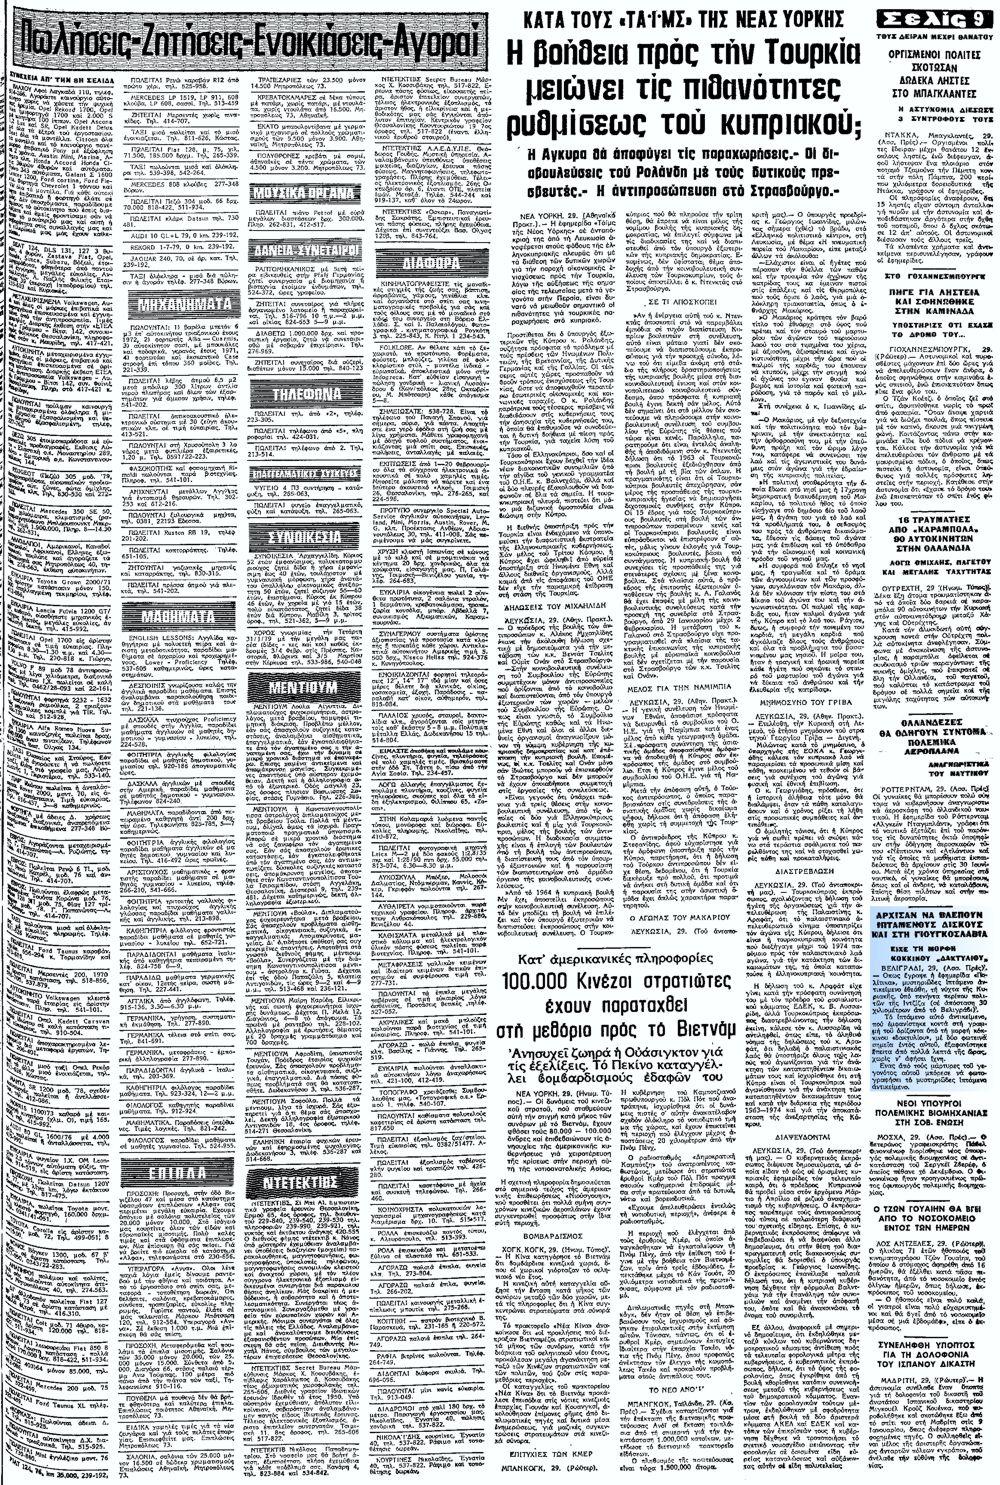 """Το άρθρο, όπως δημοσιεύθηκε στην εφημερίδα """"ΜΑΚΕΔΟΝΙΑ"""", στις 30/01/1979"""